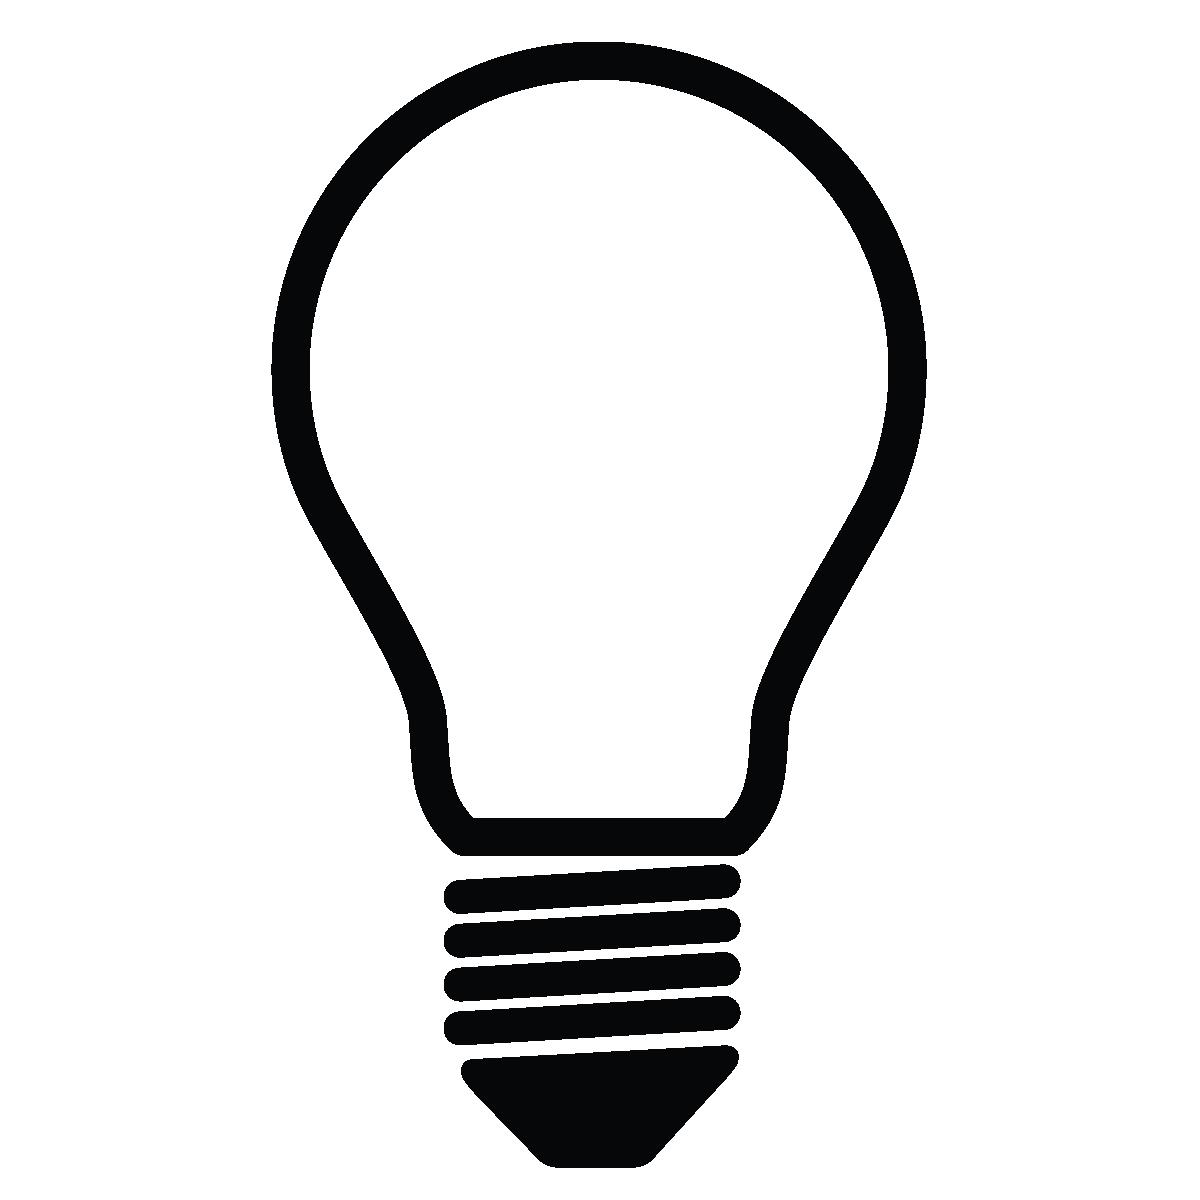 Diva floor global lighting. Lamp clipart light globe